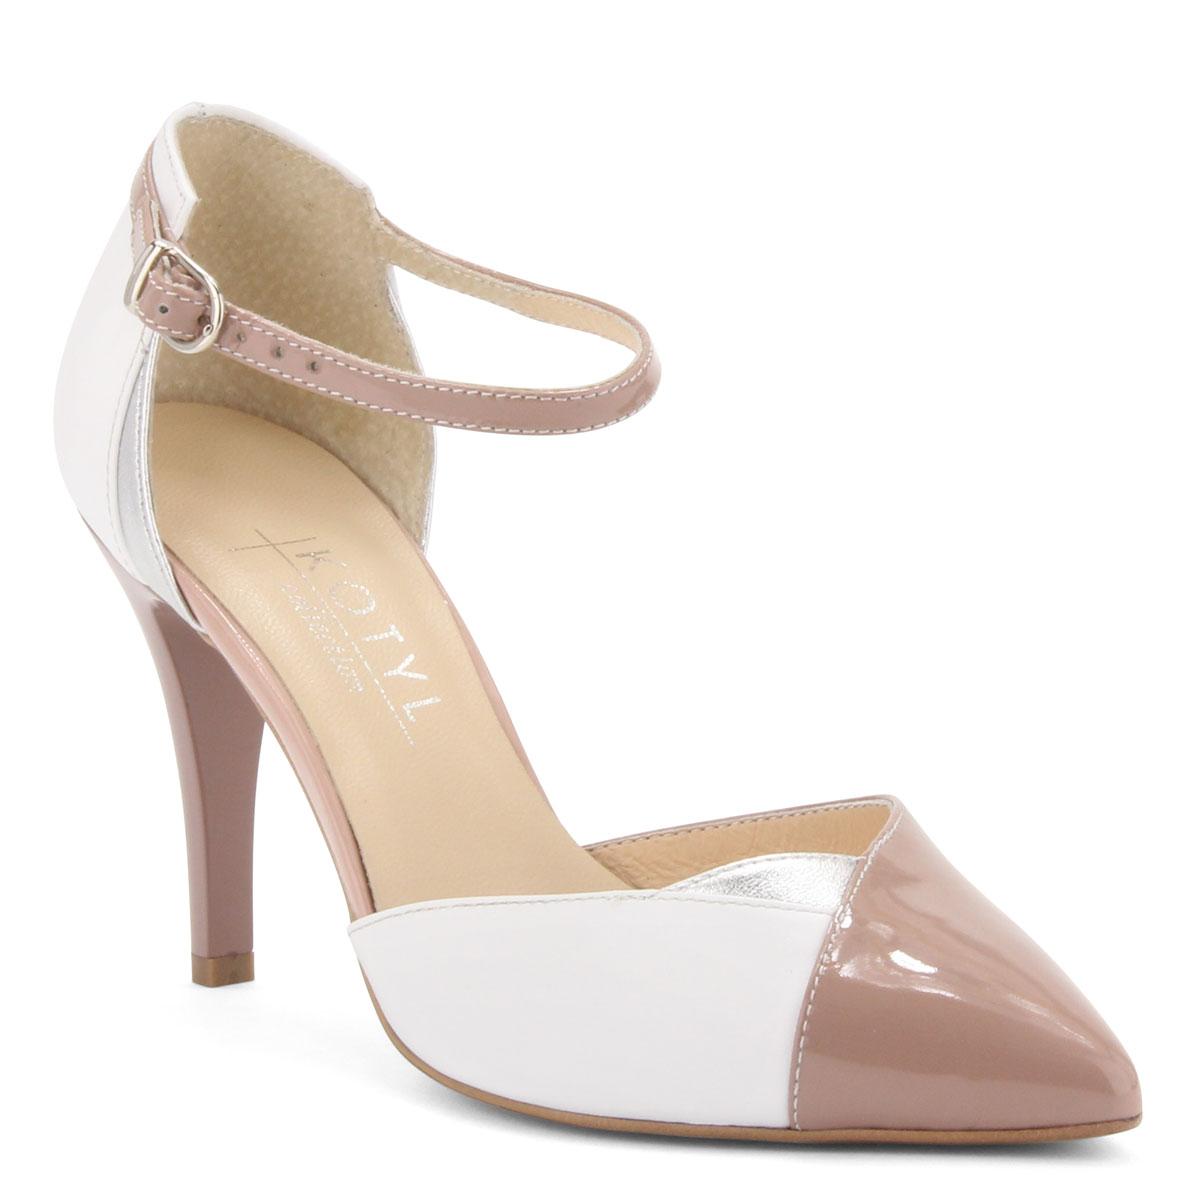 ... Fehér-rózsaszín színű magas sarkú női bőr cipő 9 cm magas sarokkal f326113330